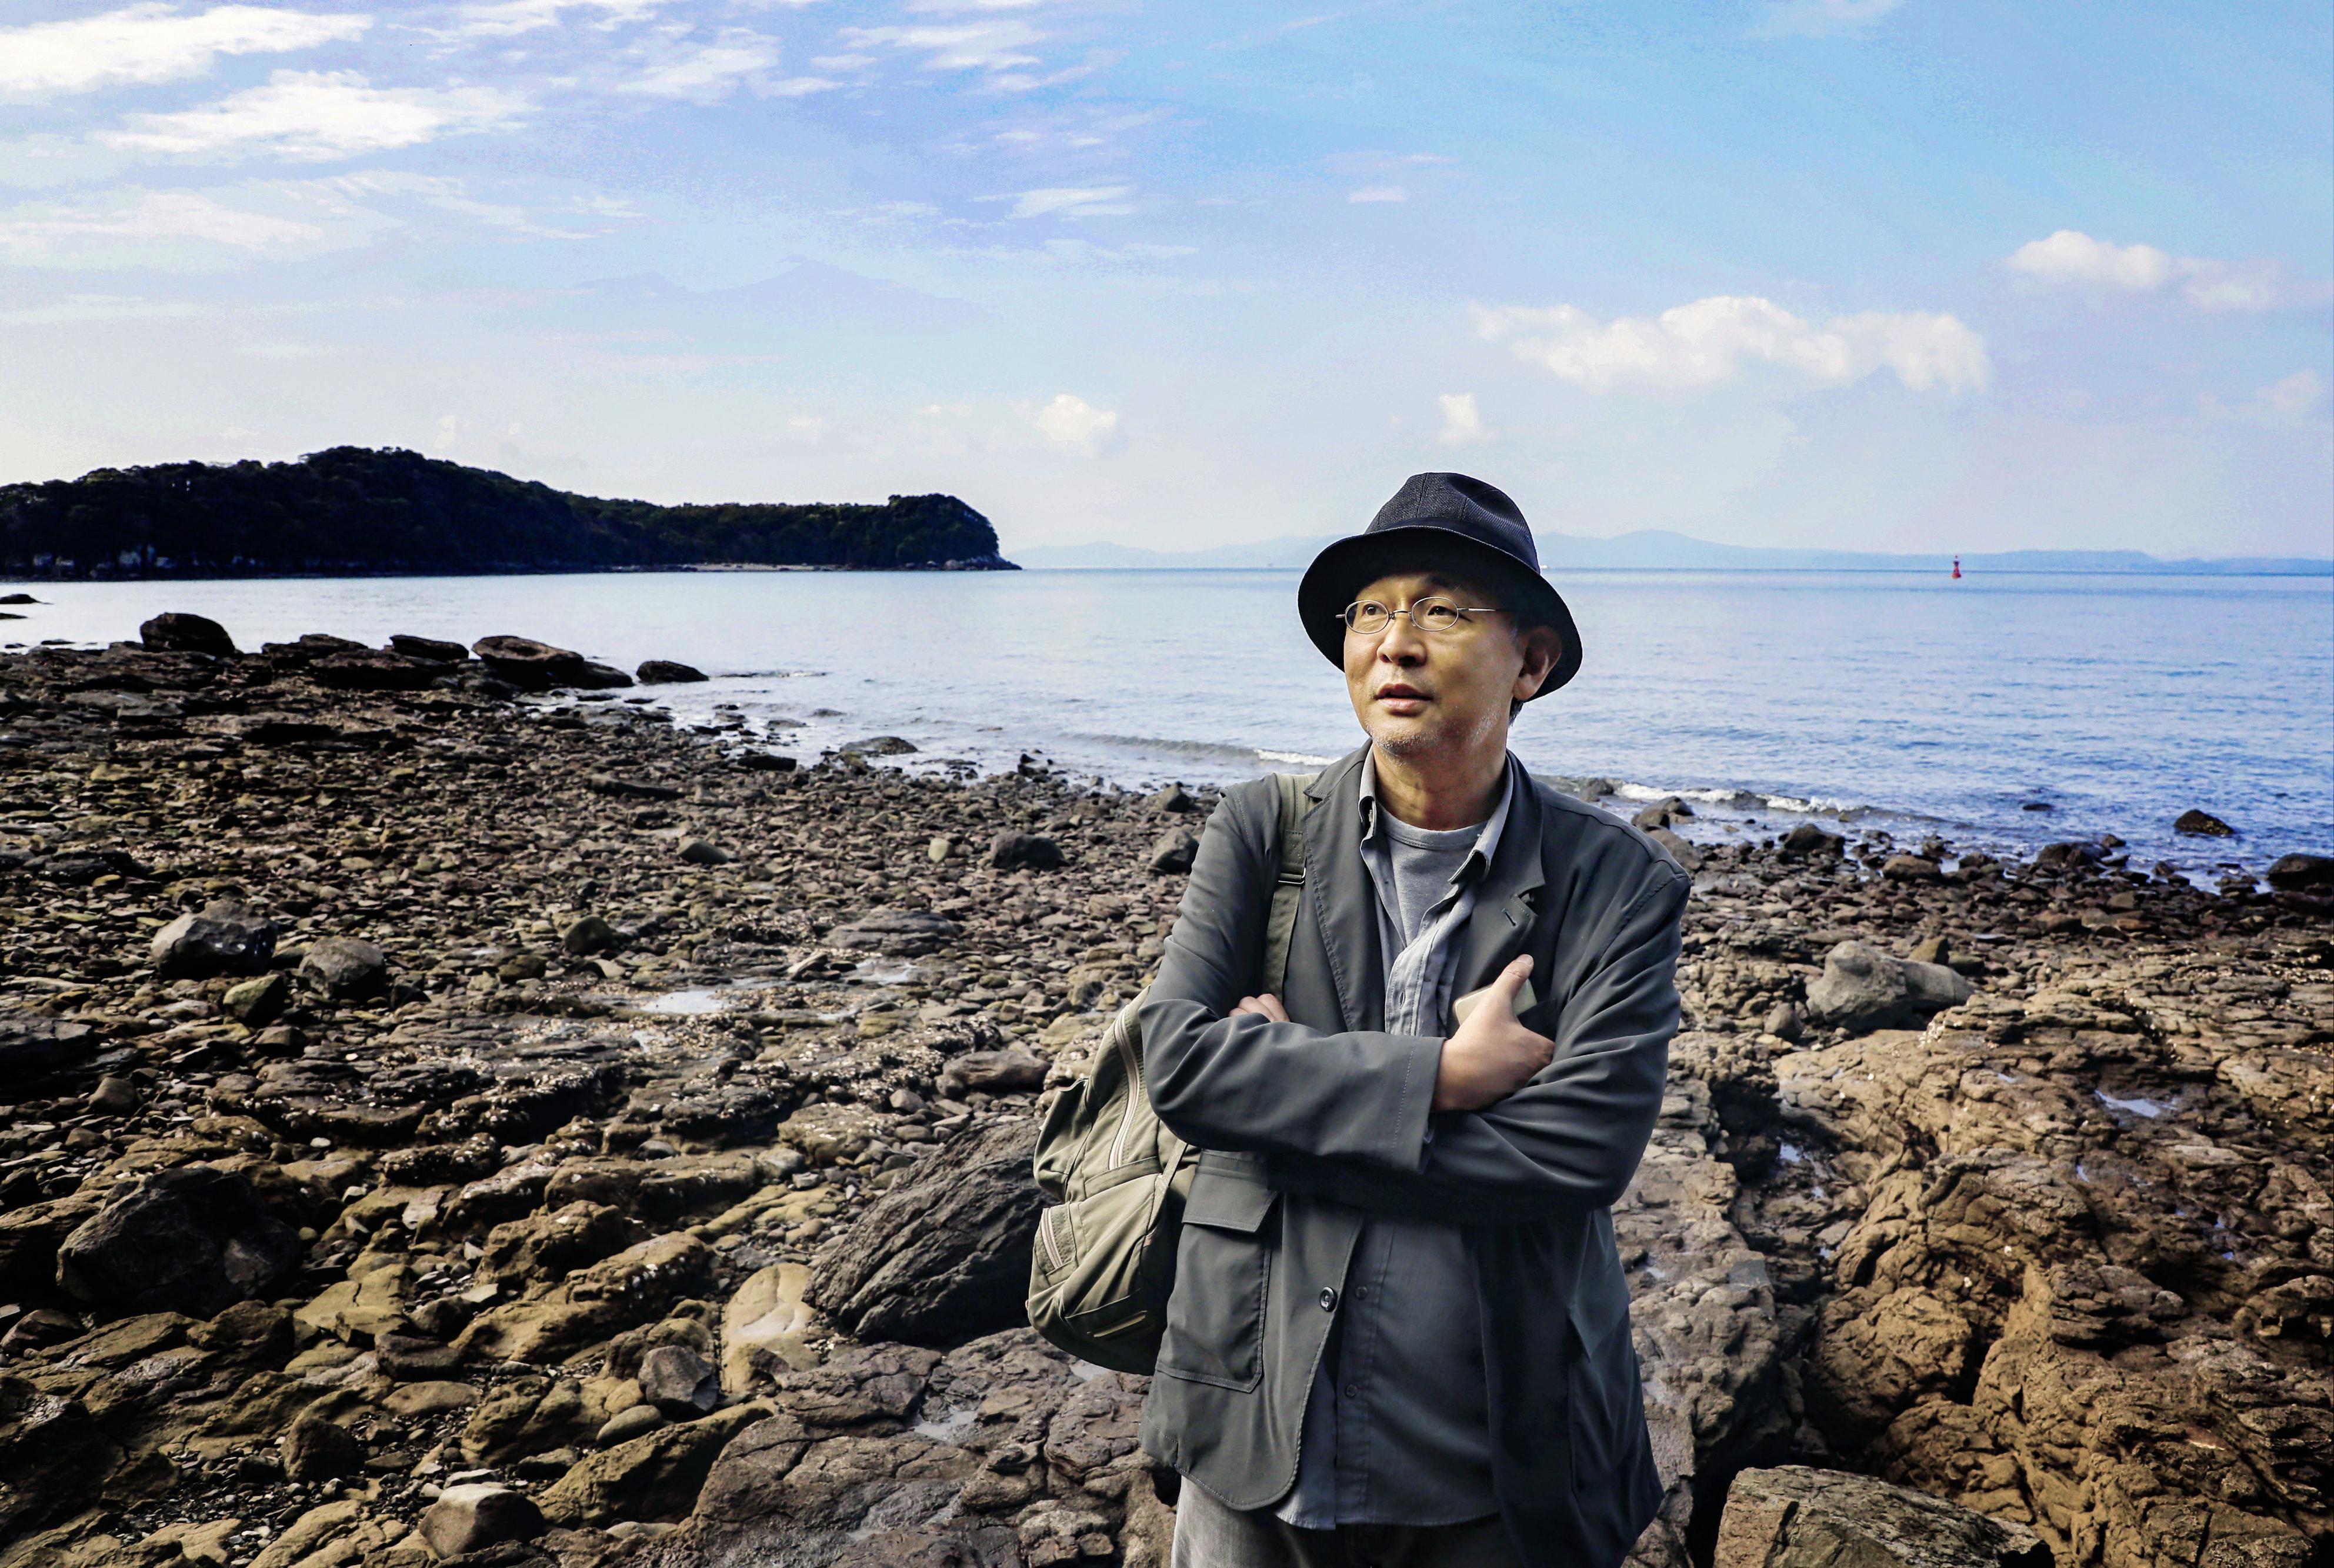 水俣の昔からの海岸が残る岬を訪れた森枝卓士。岬の反対側は水銀を含むヘドロを埋め立てた公園になっている=熊本県水俣市